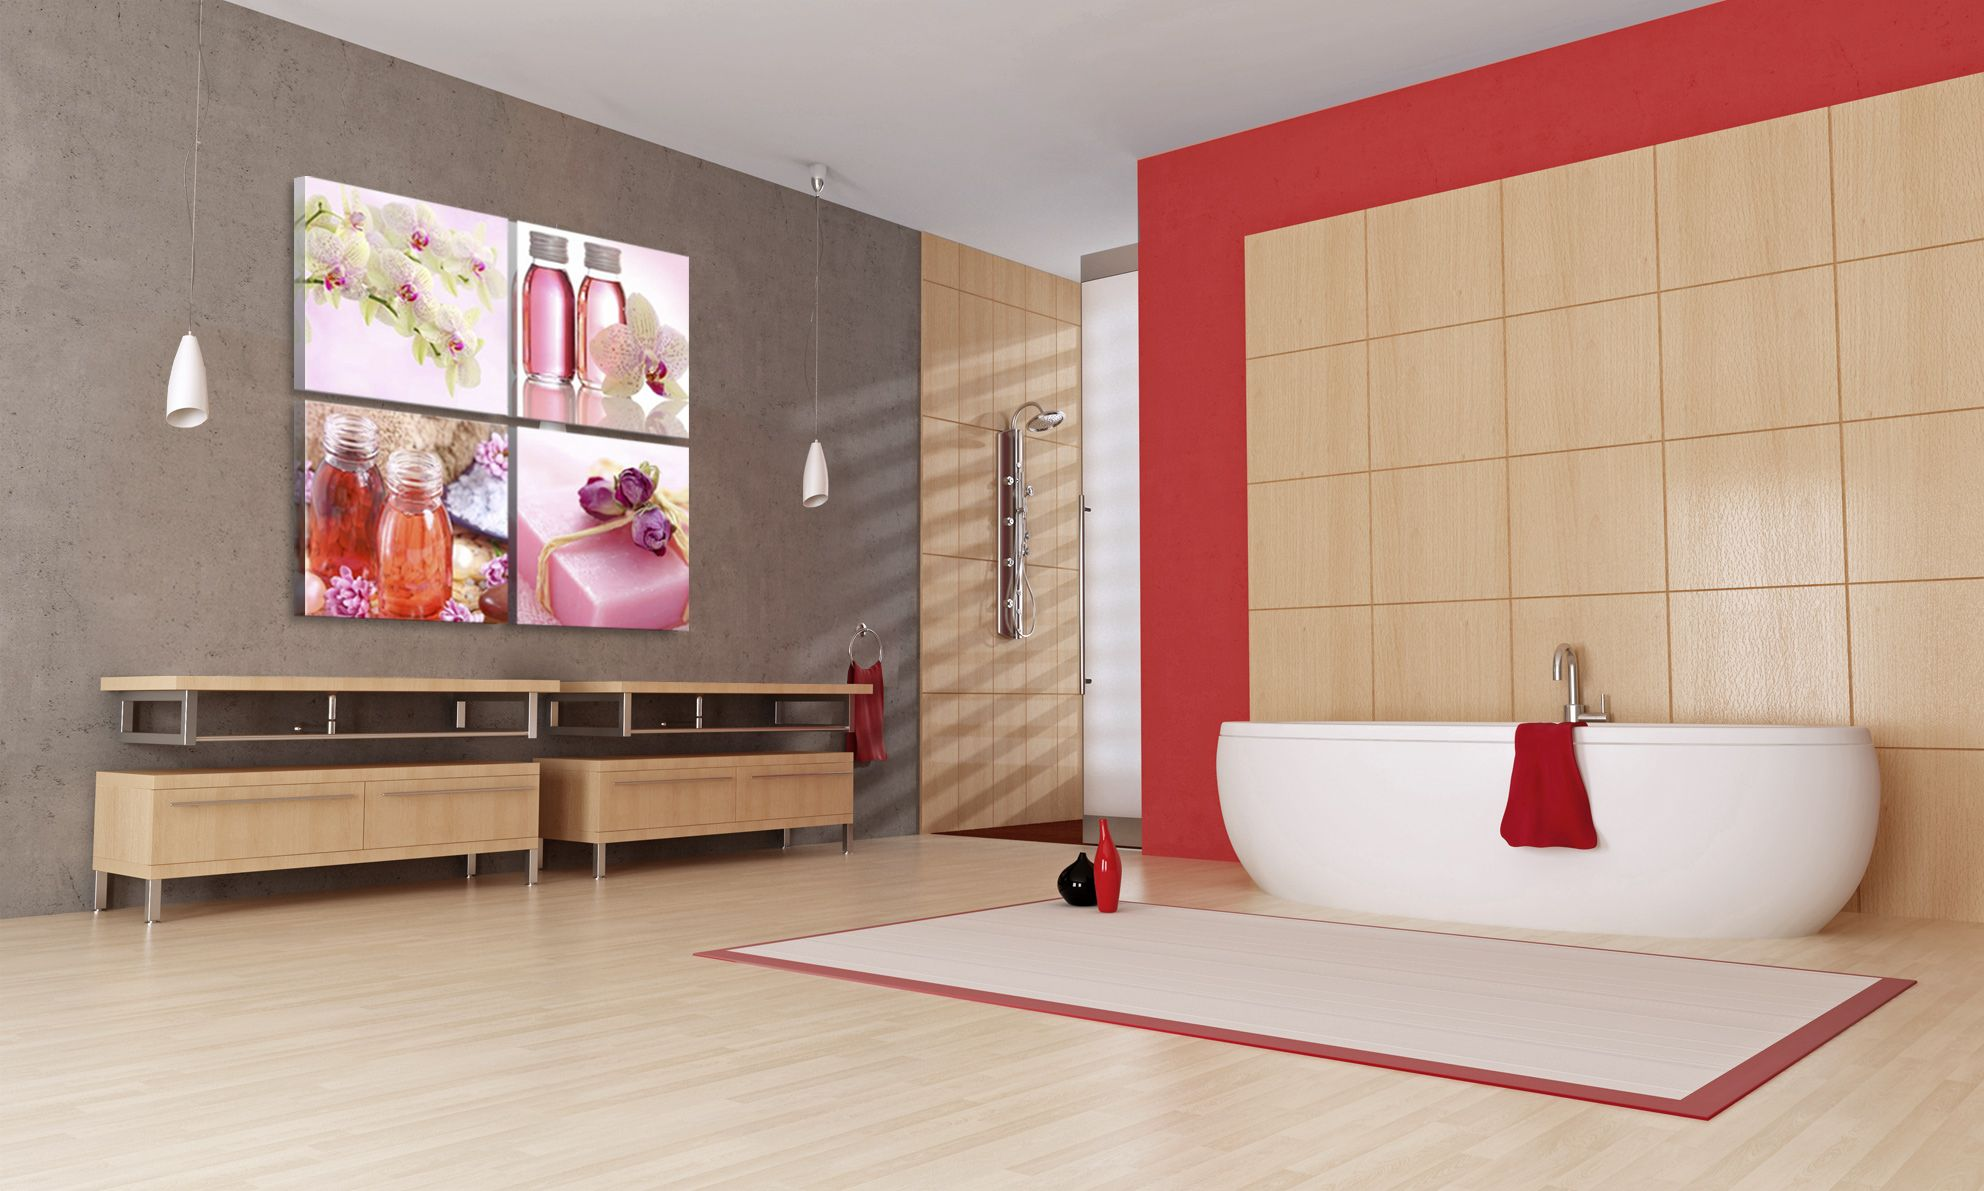 Quadri Per Bagno Moderno quadro contemporaneo rosa rilassante | design del bagno